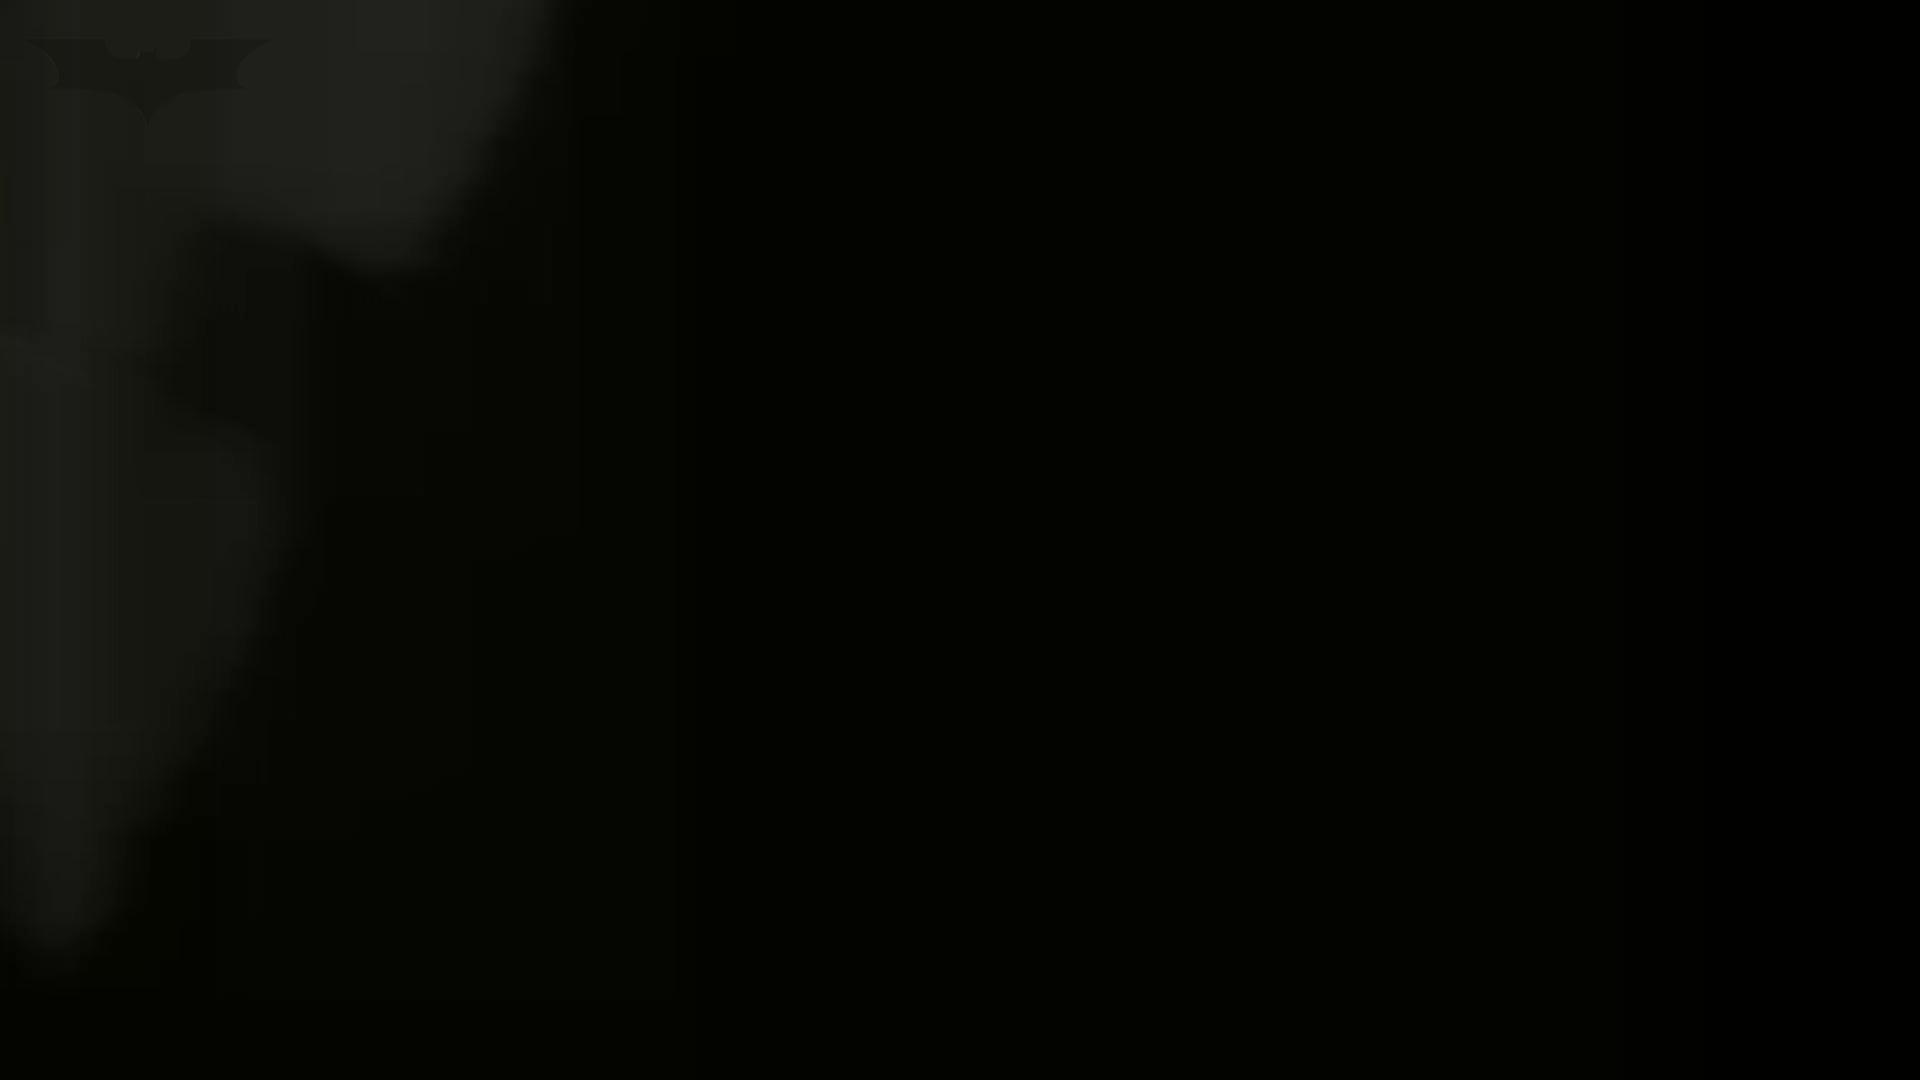 洗面所特攻隊 vol.74 last 2総勢16名激撮【2015・29位】 ギャル攻め AV無料 69画像 26